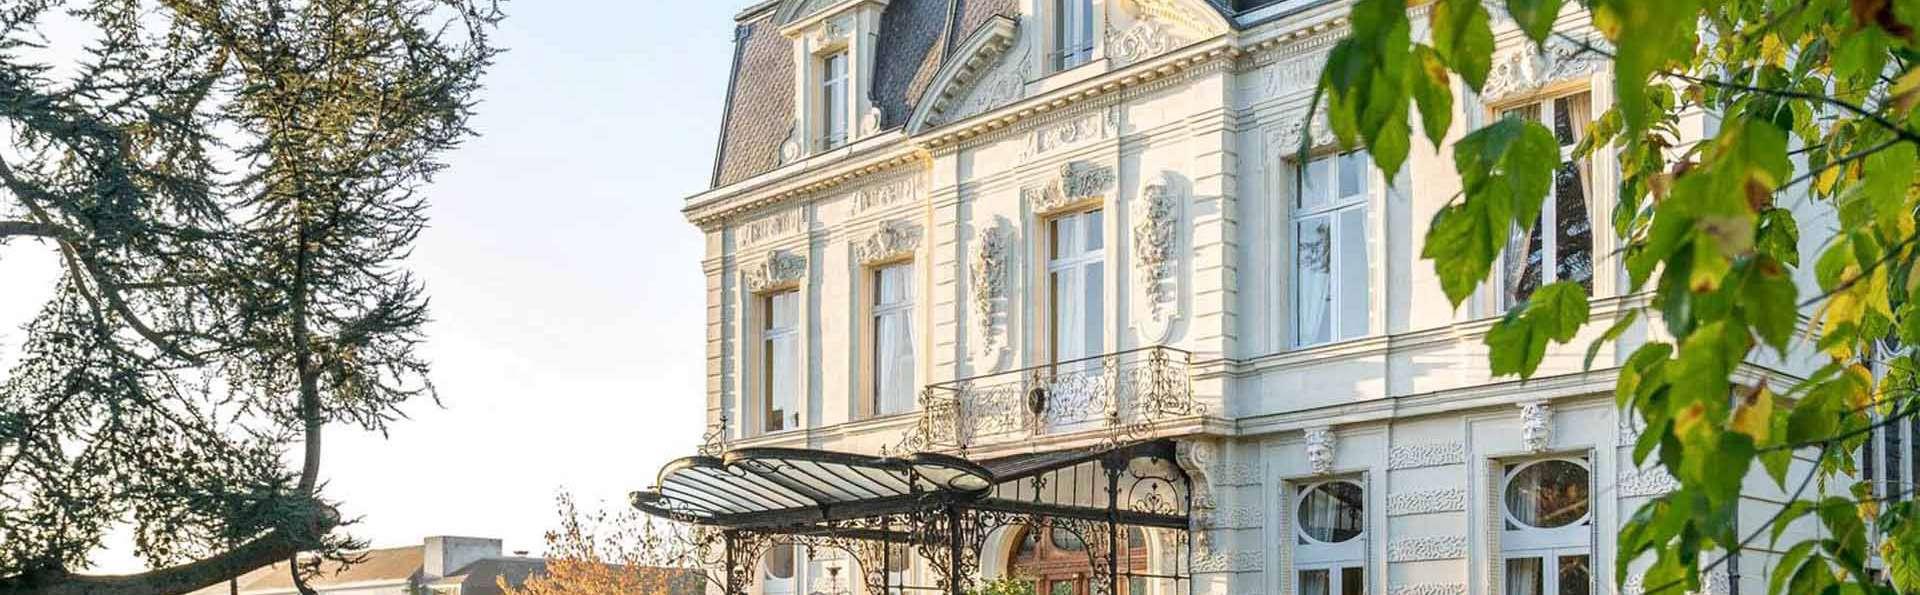 Hotel Château de Verrières & Spa Saumur - EDIT_EXTERIOR_01.jpg